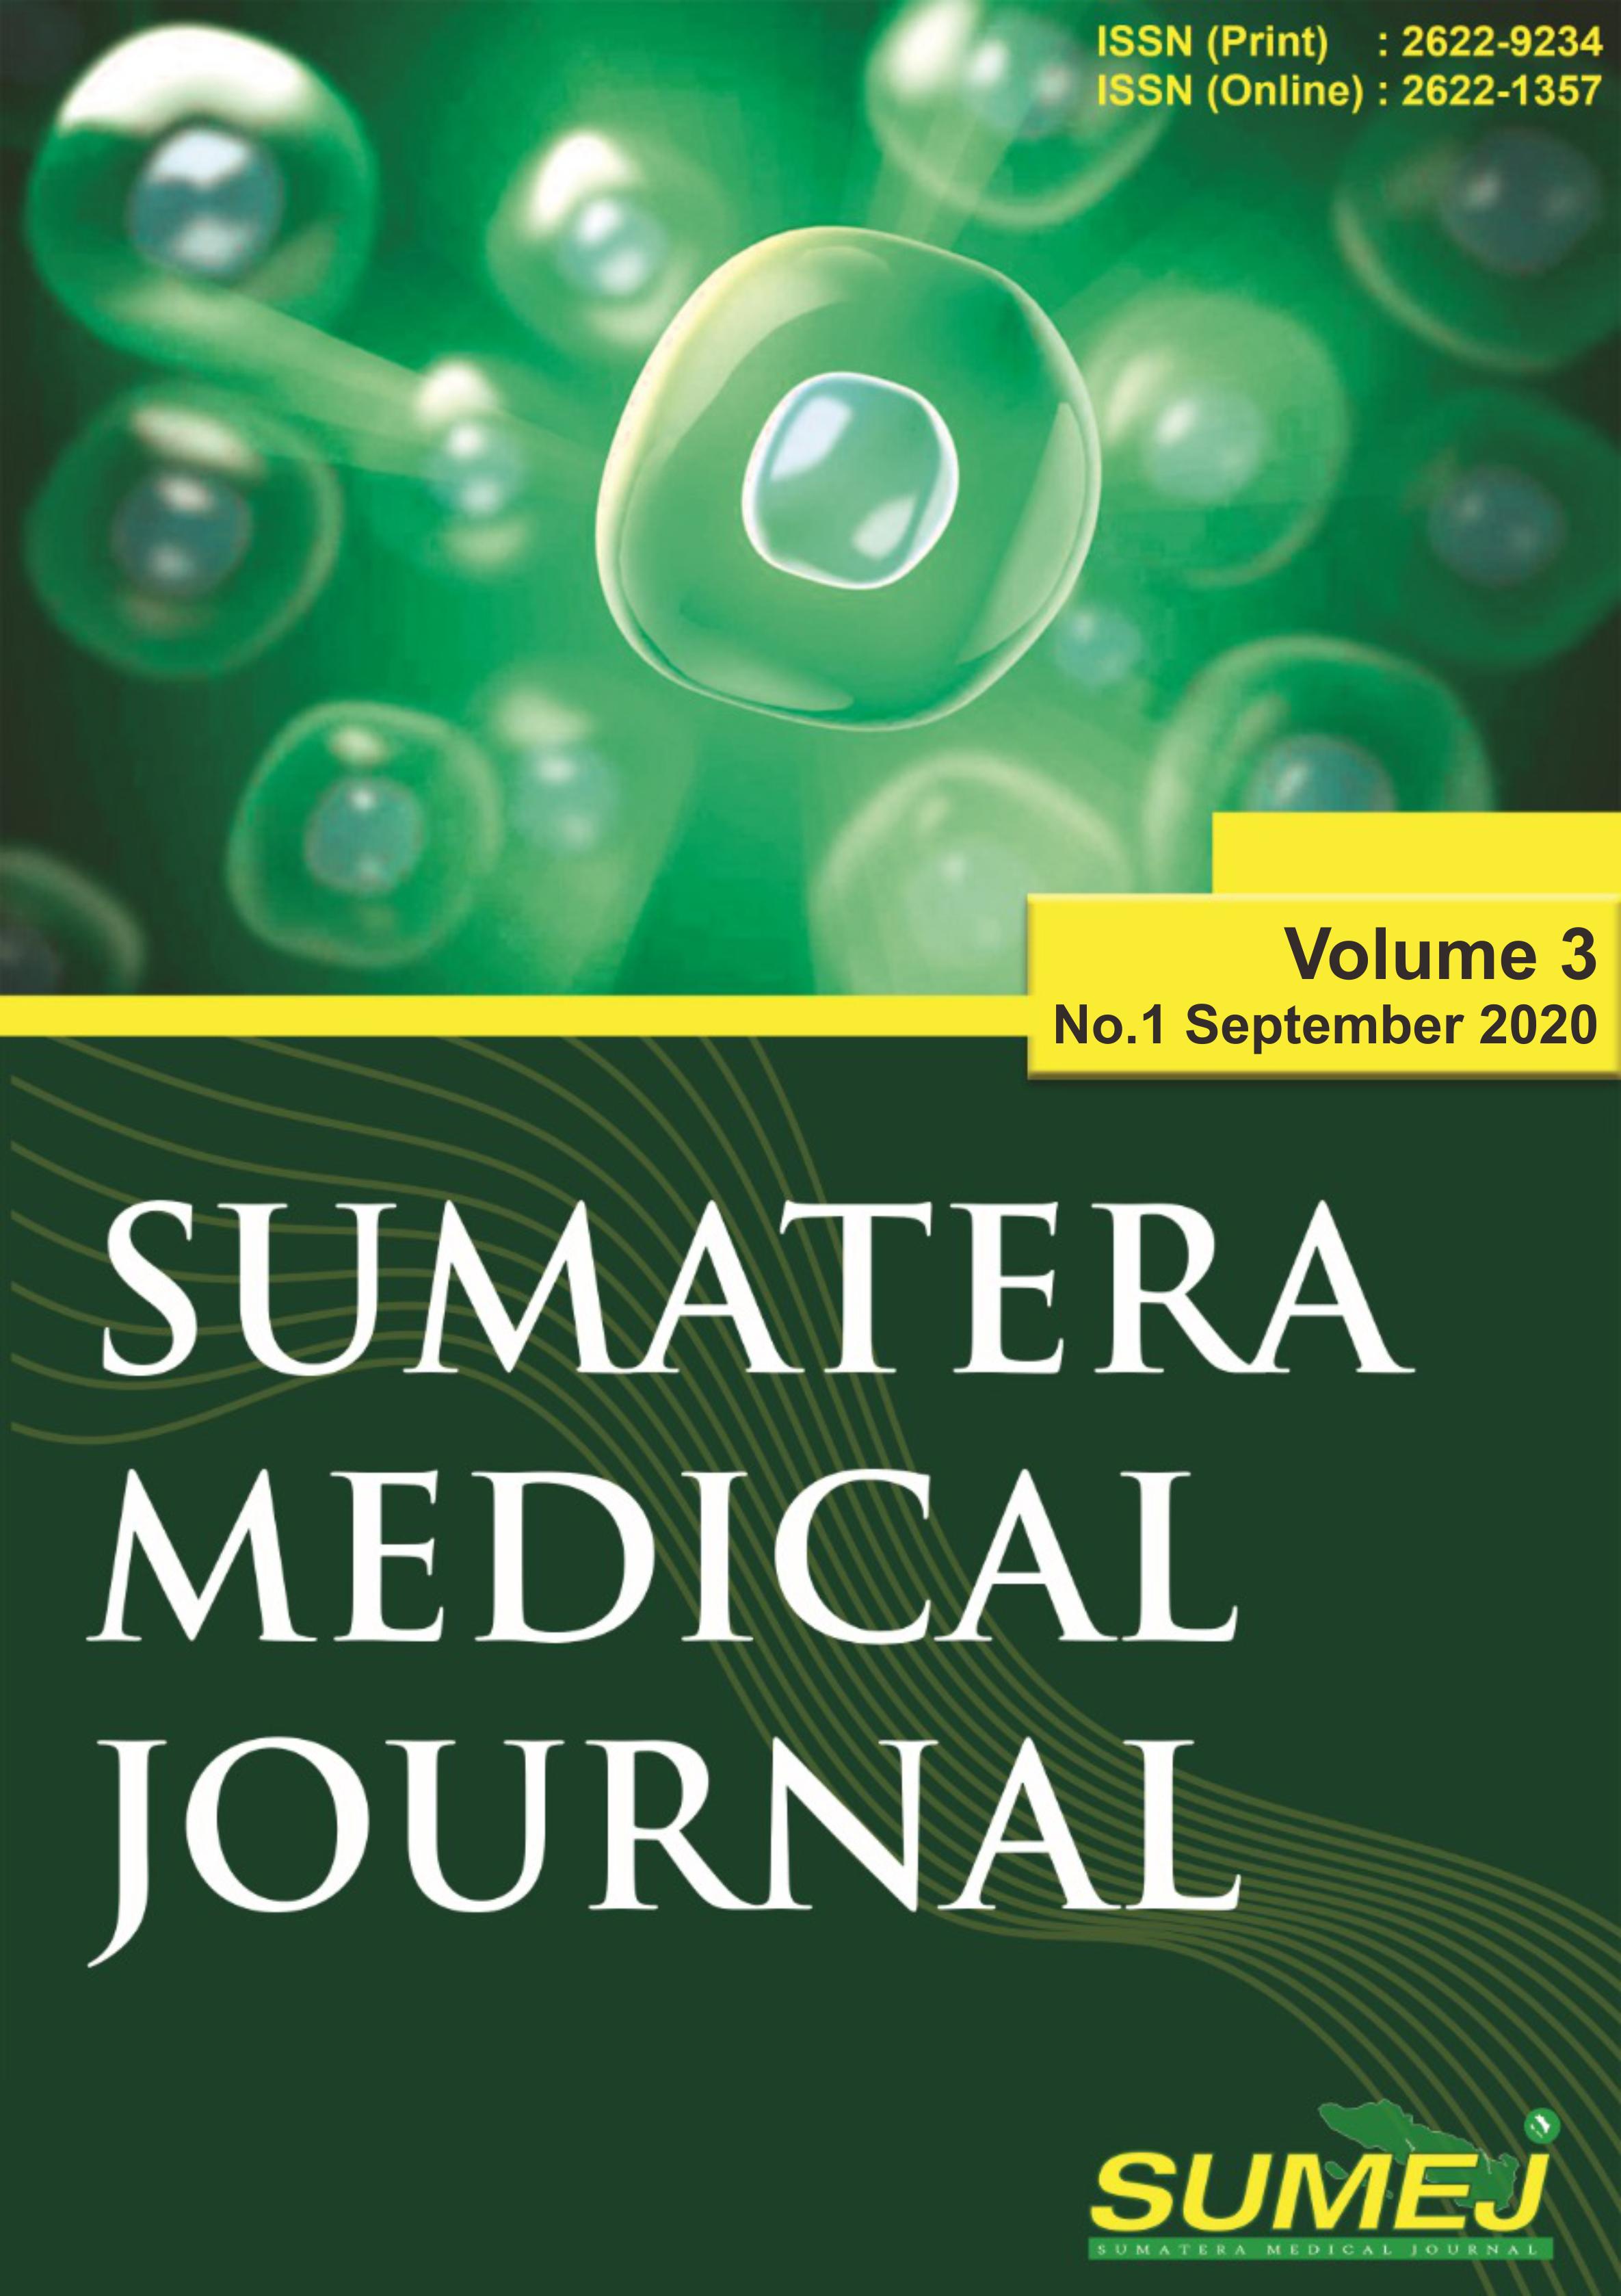 SUMEJ Vol. 3 No. 1